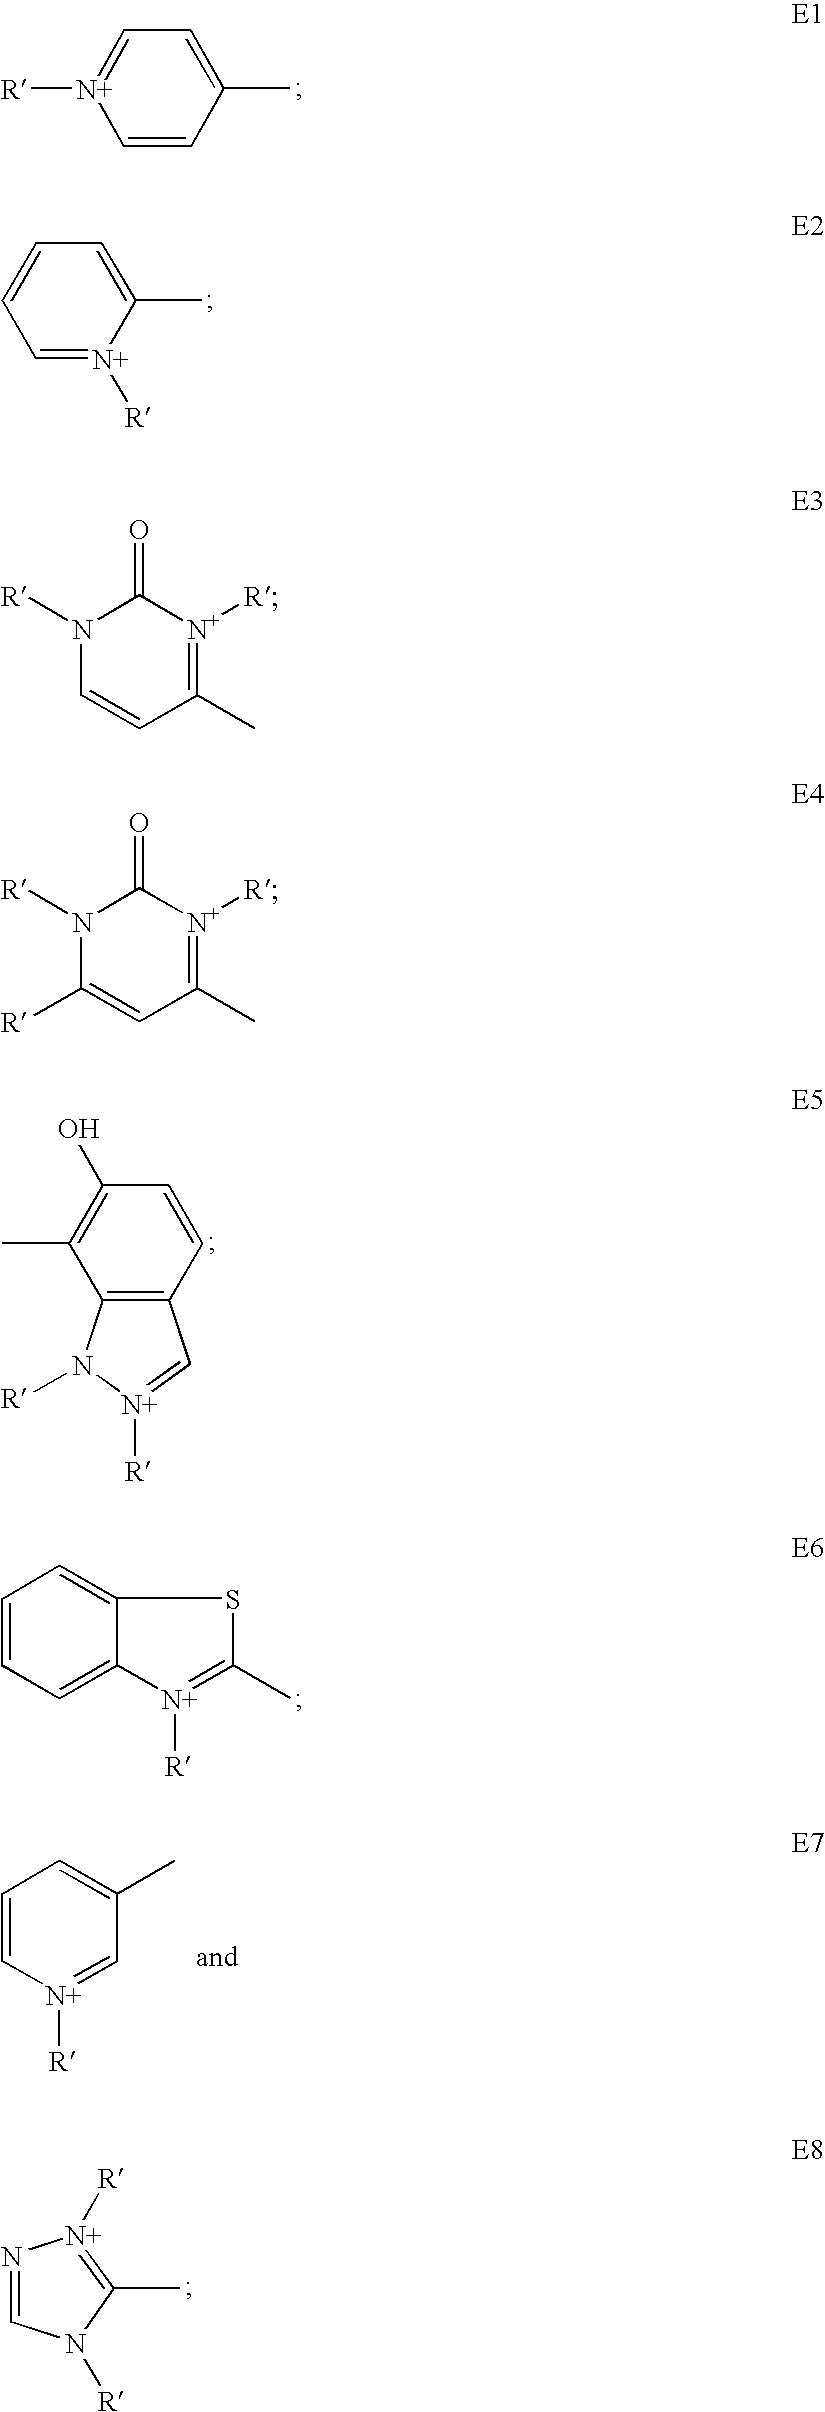 Figure US07935154-20110503-C00008